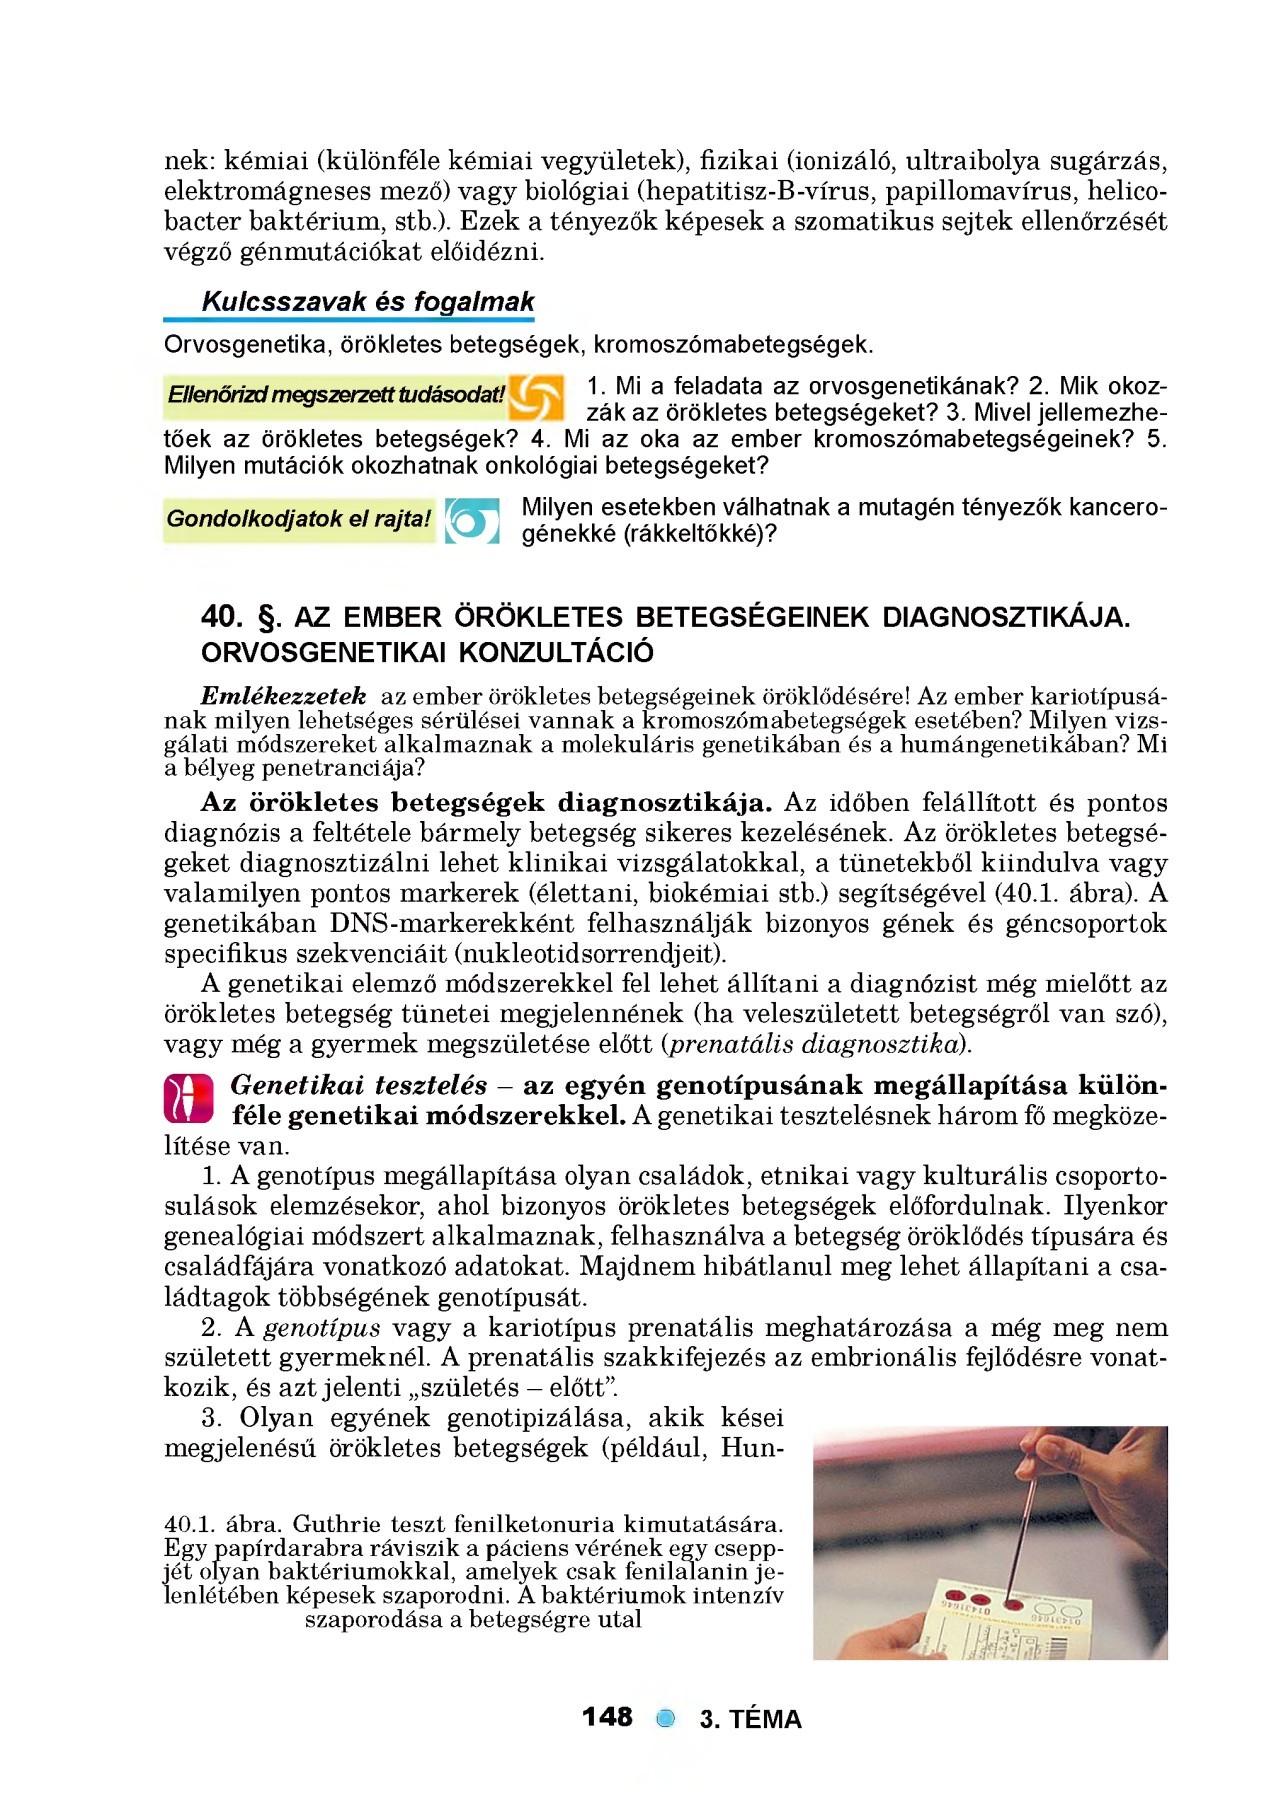 papillomavírus nő oka)